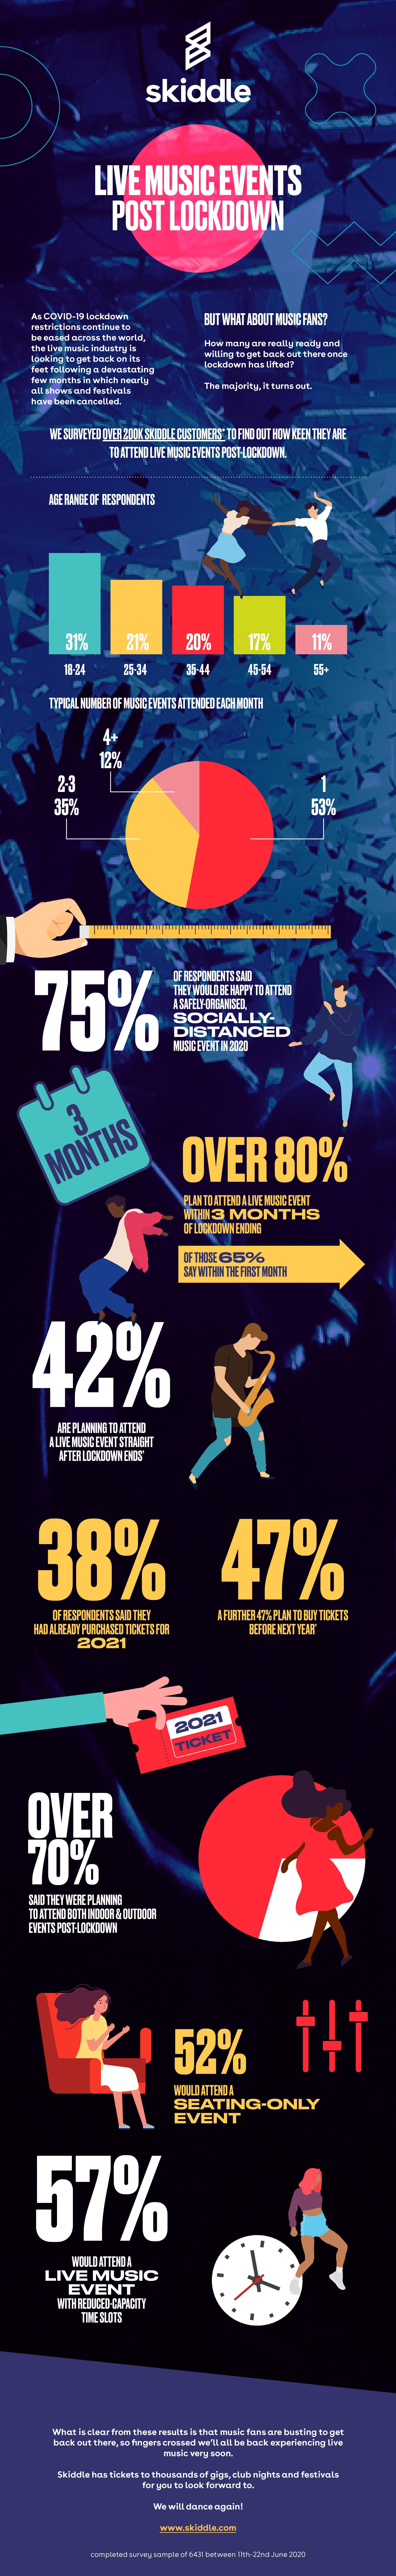 Skiddle-livemusic-postlockdown-infographic